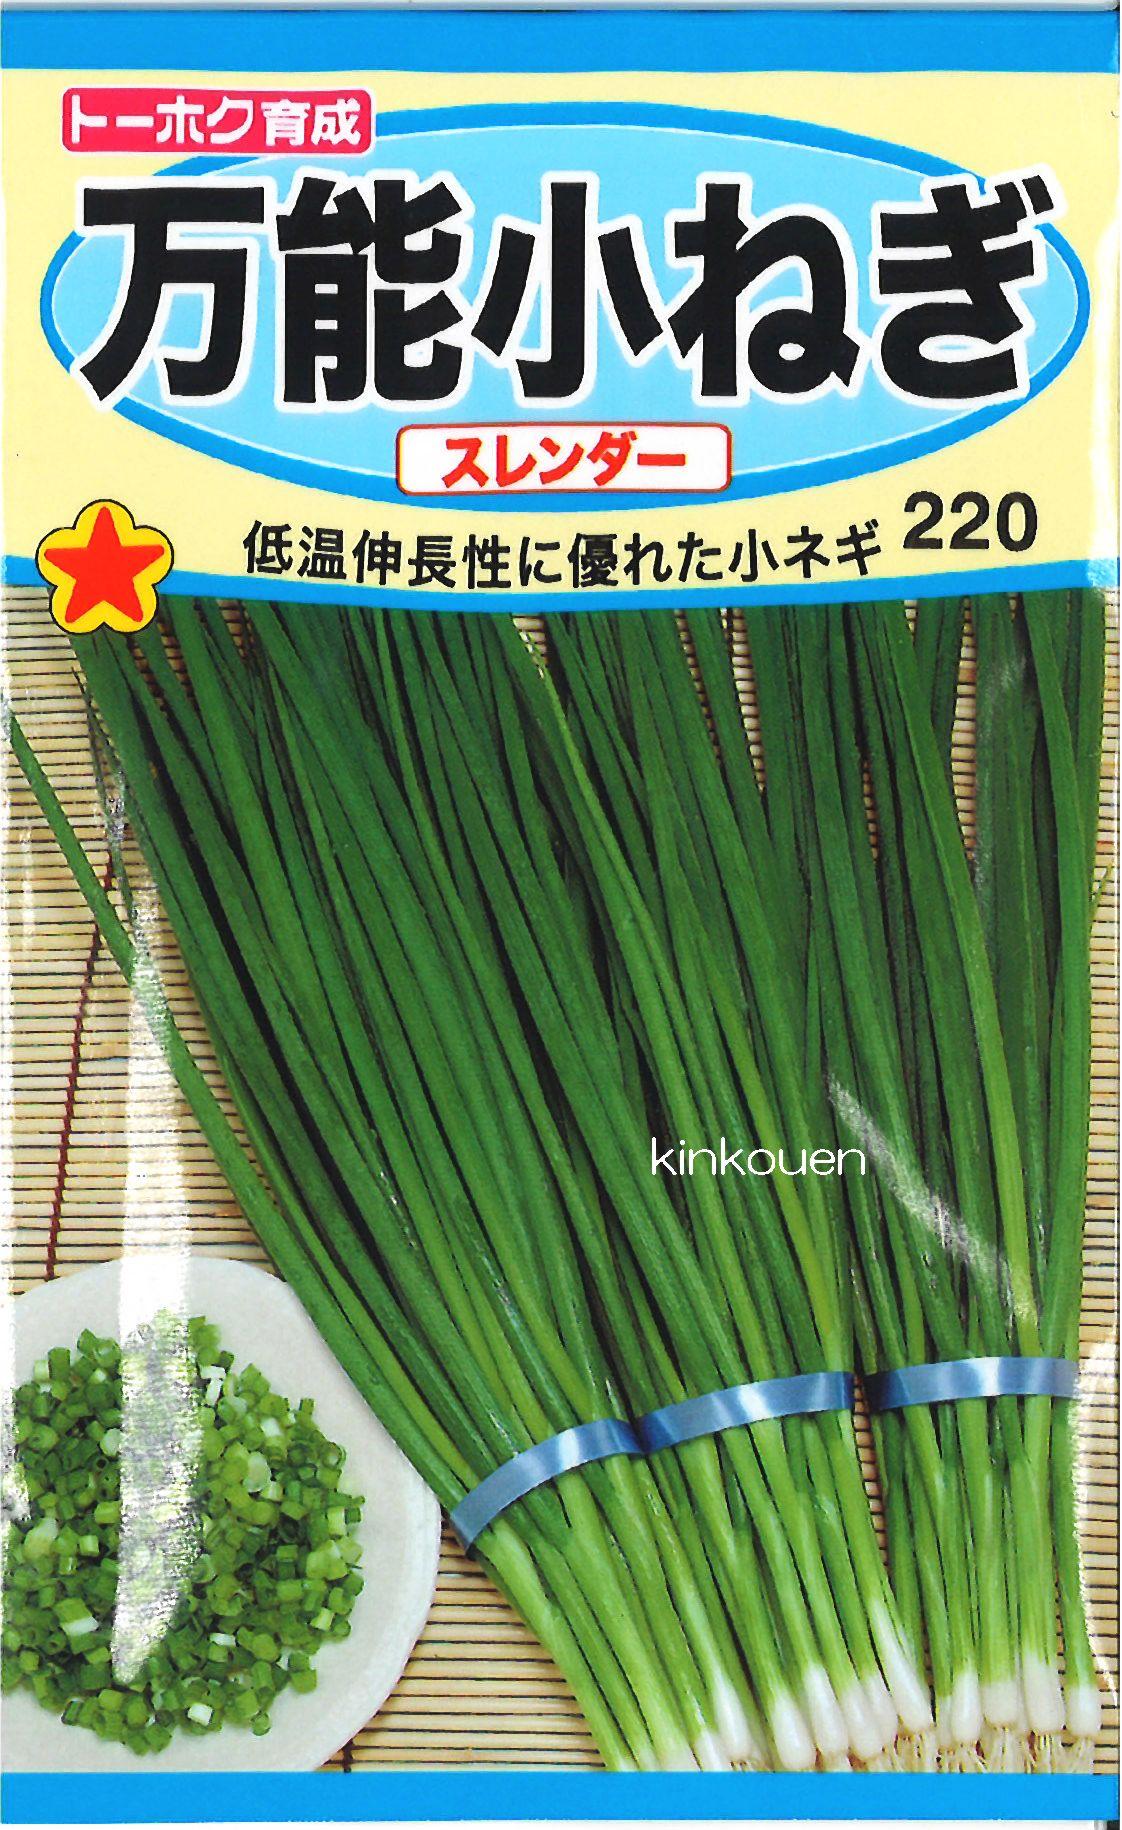 【代引不可】【5袋まで送料80円】□万能小ねぎスレンダー